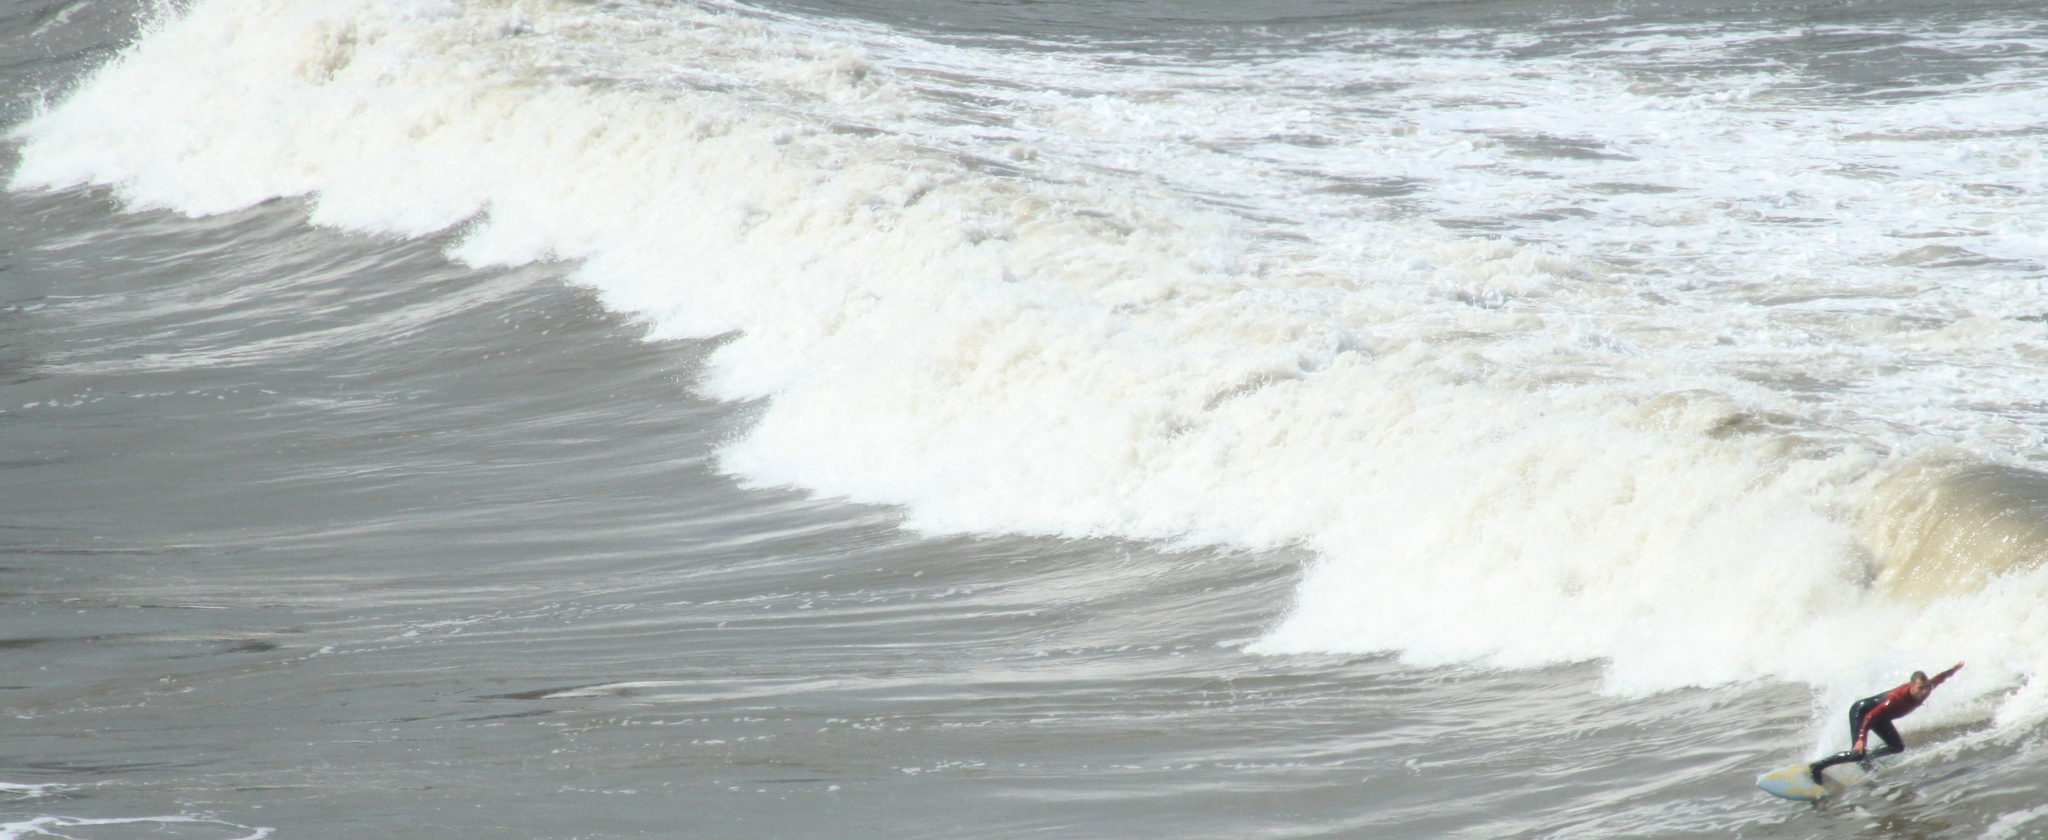 Wave caught by AJ Yakstrangler Andy Jamieson